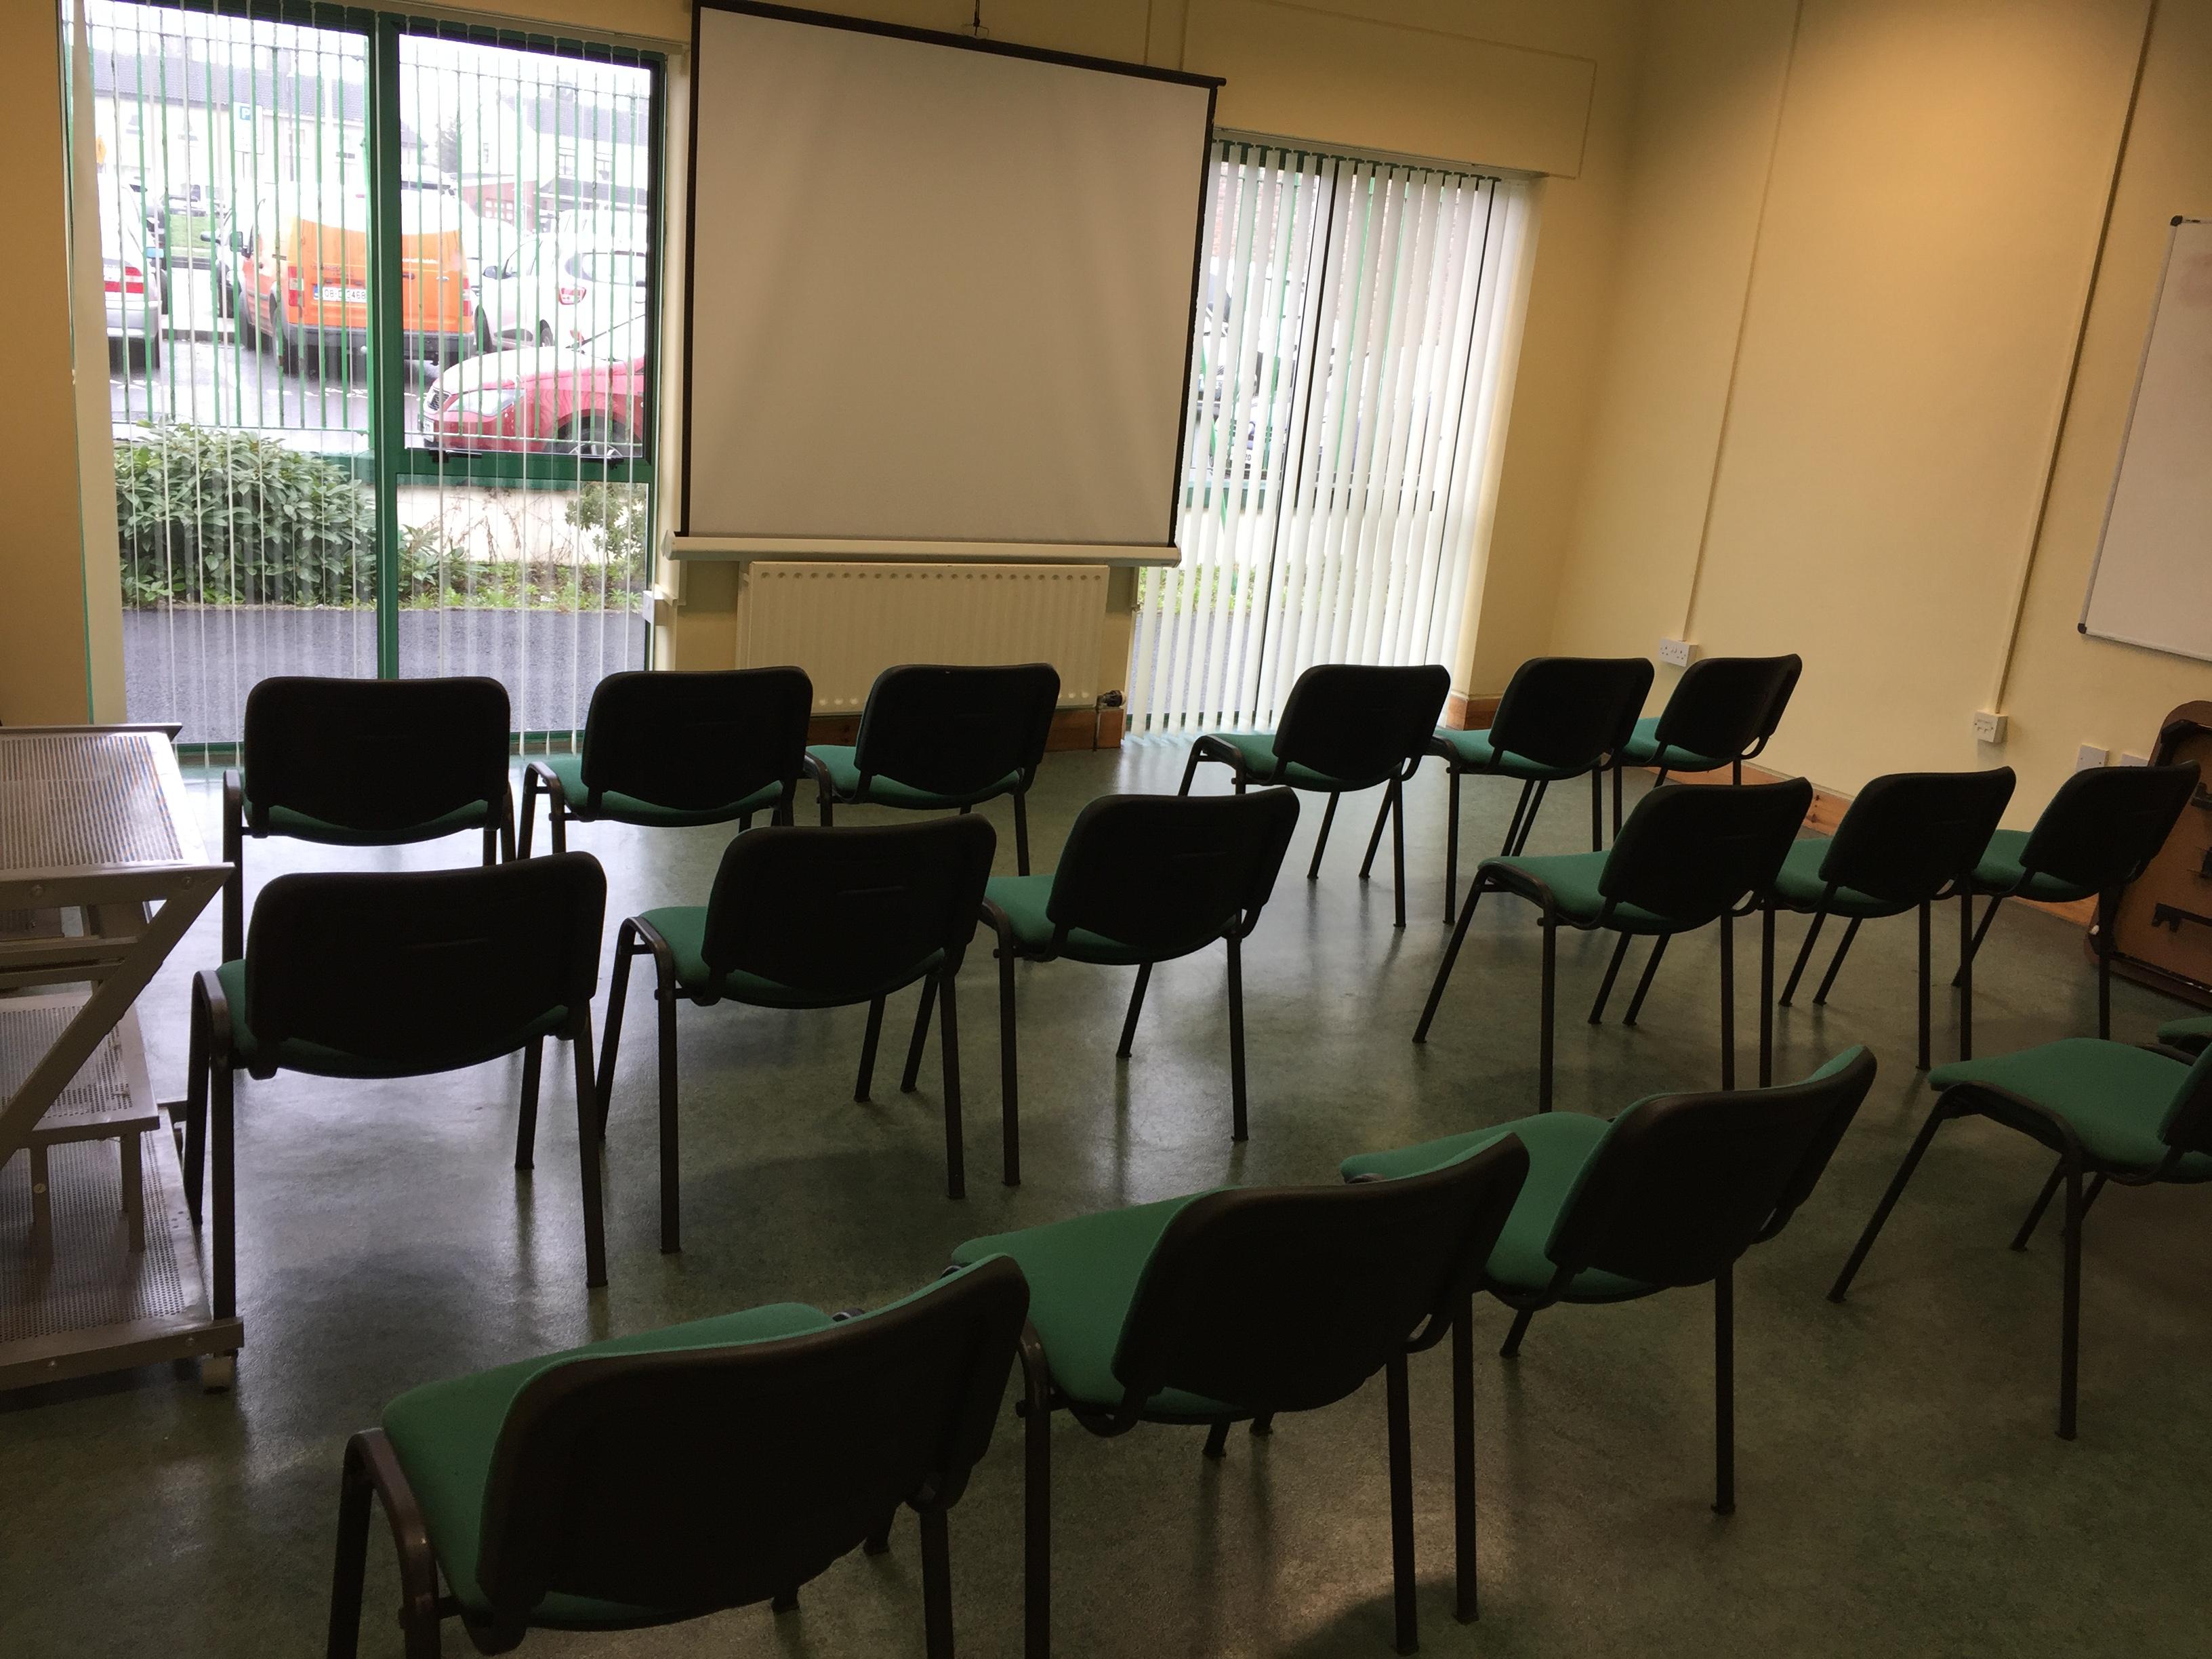 CEEDS Training Rooms 2.3